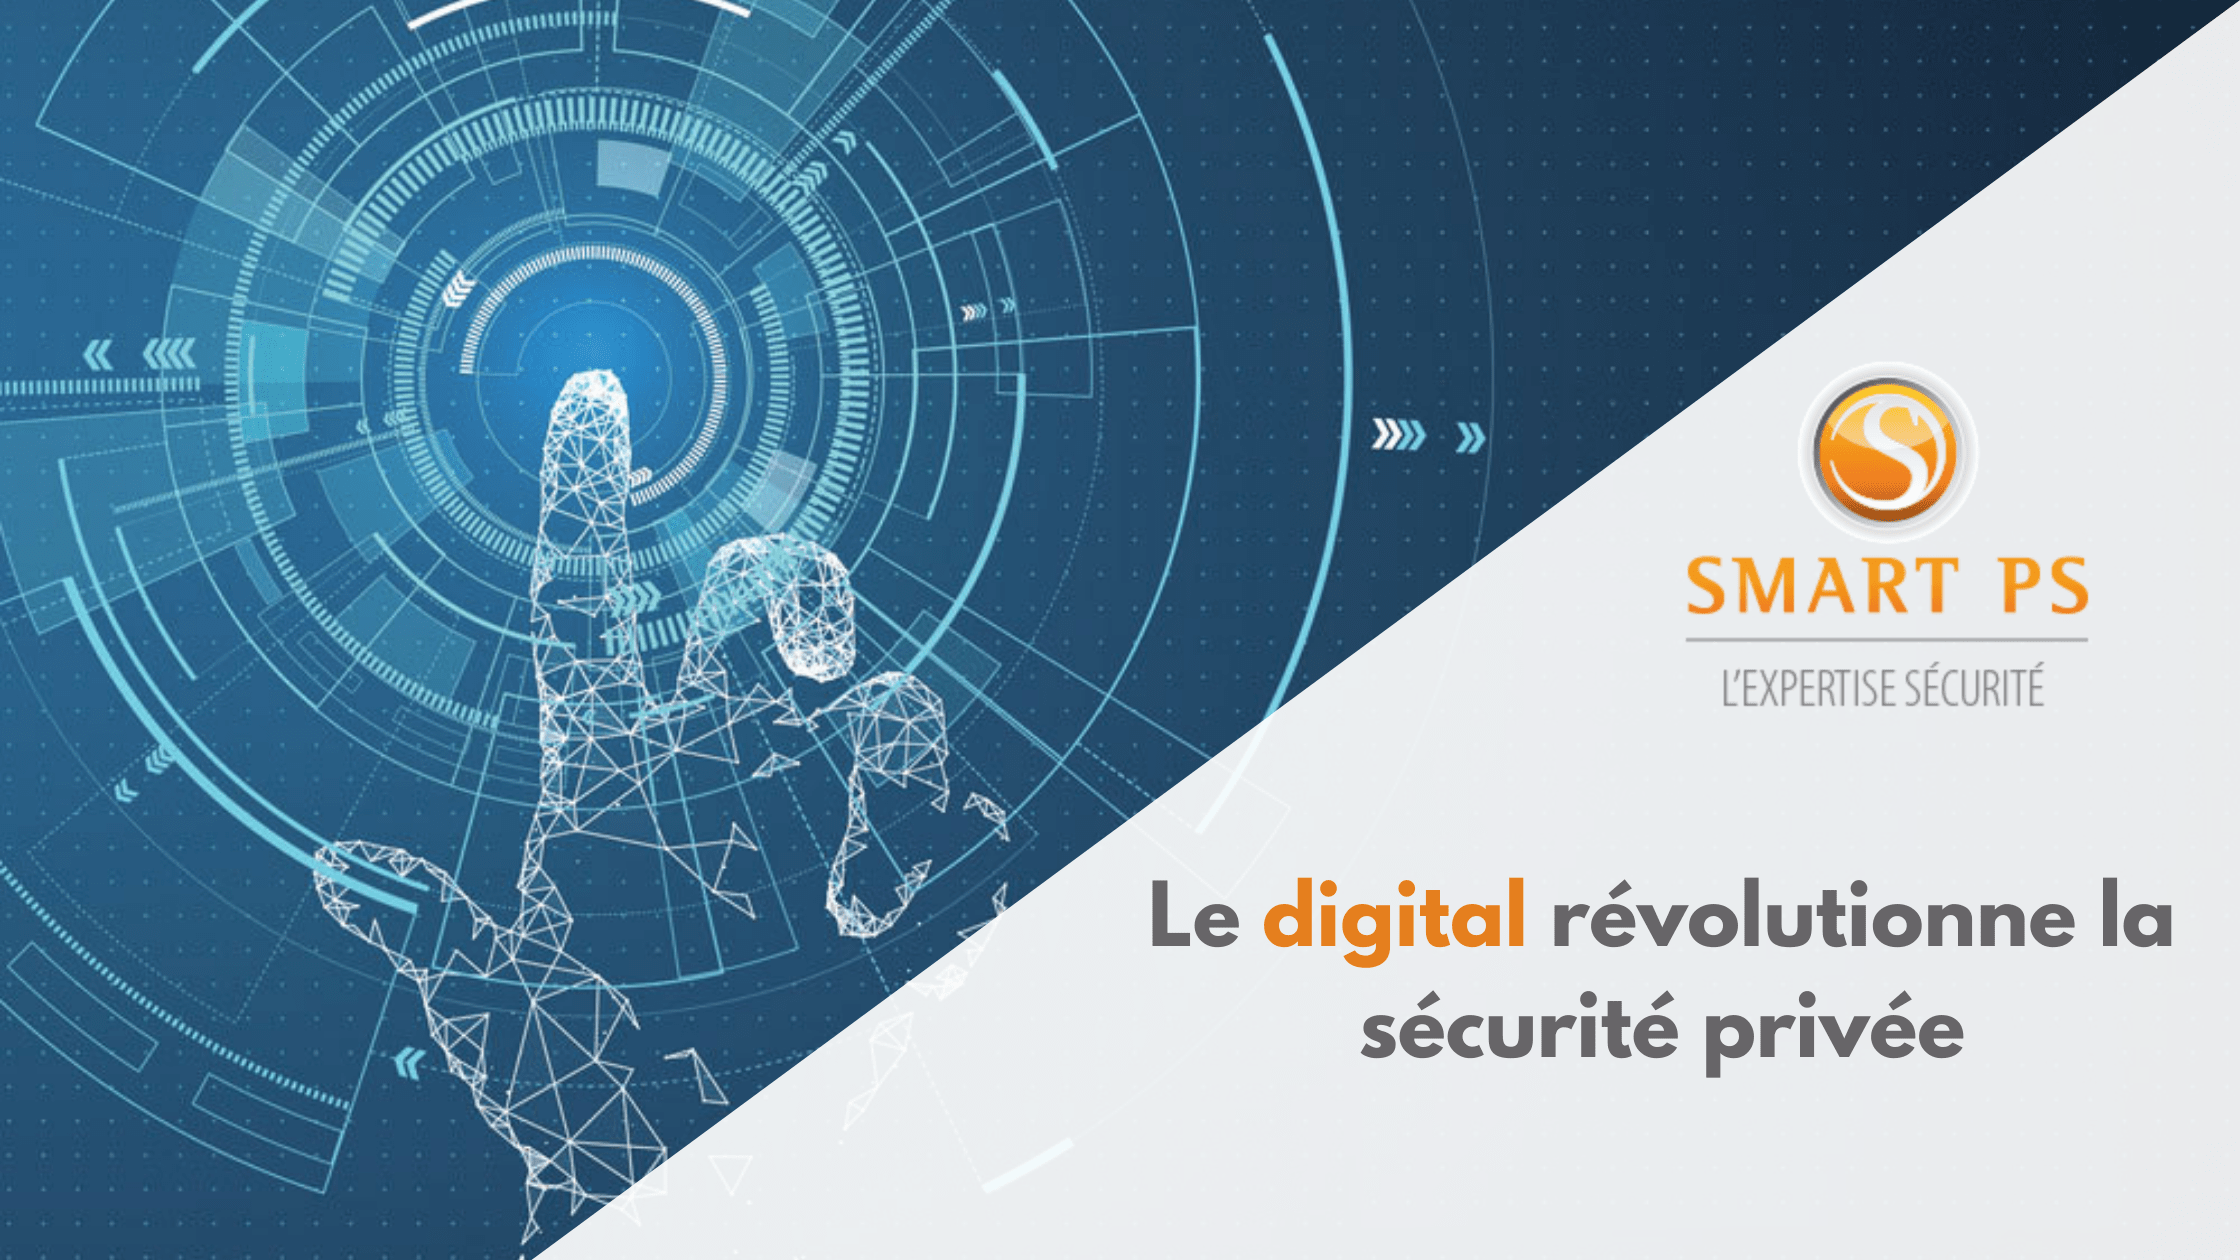 De nouvelles perspectives dans la sécurité privée grâce à la technologie.